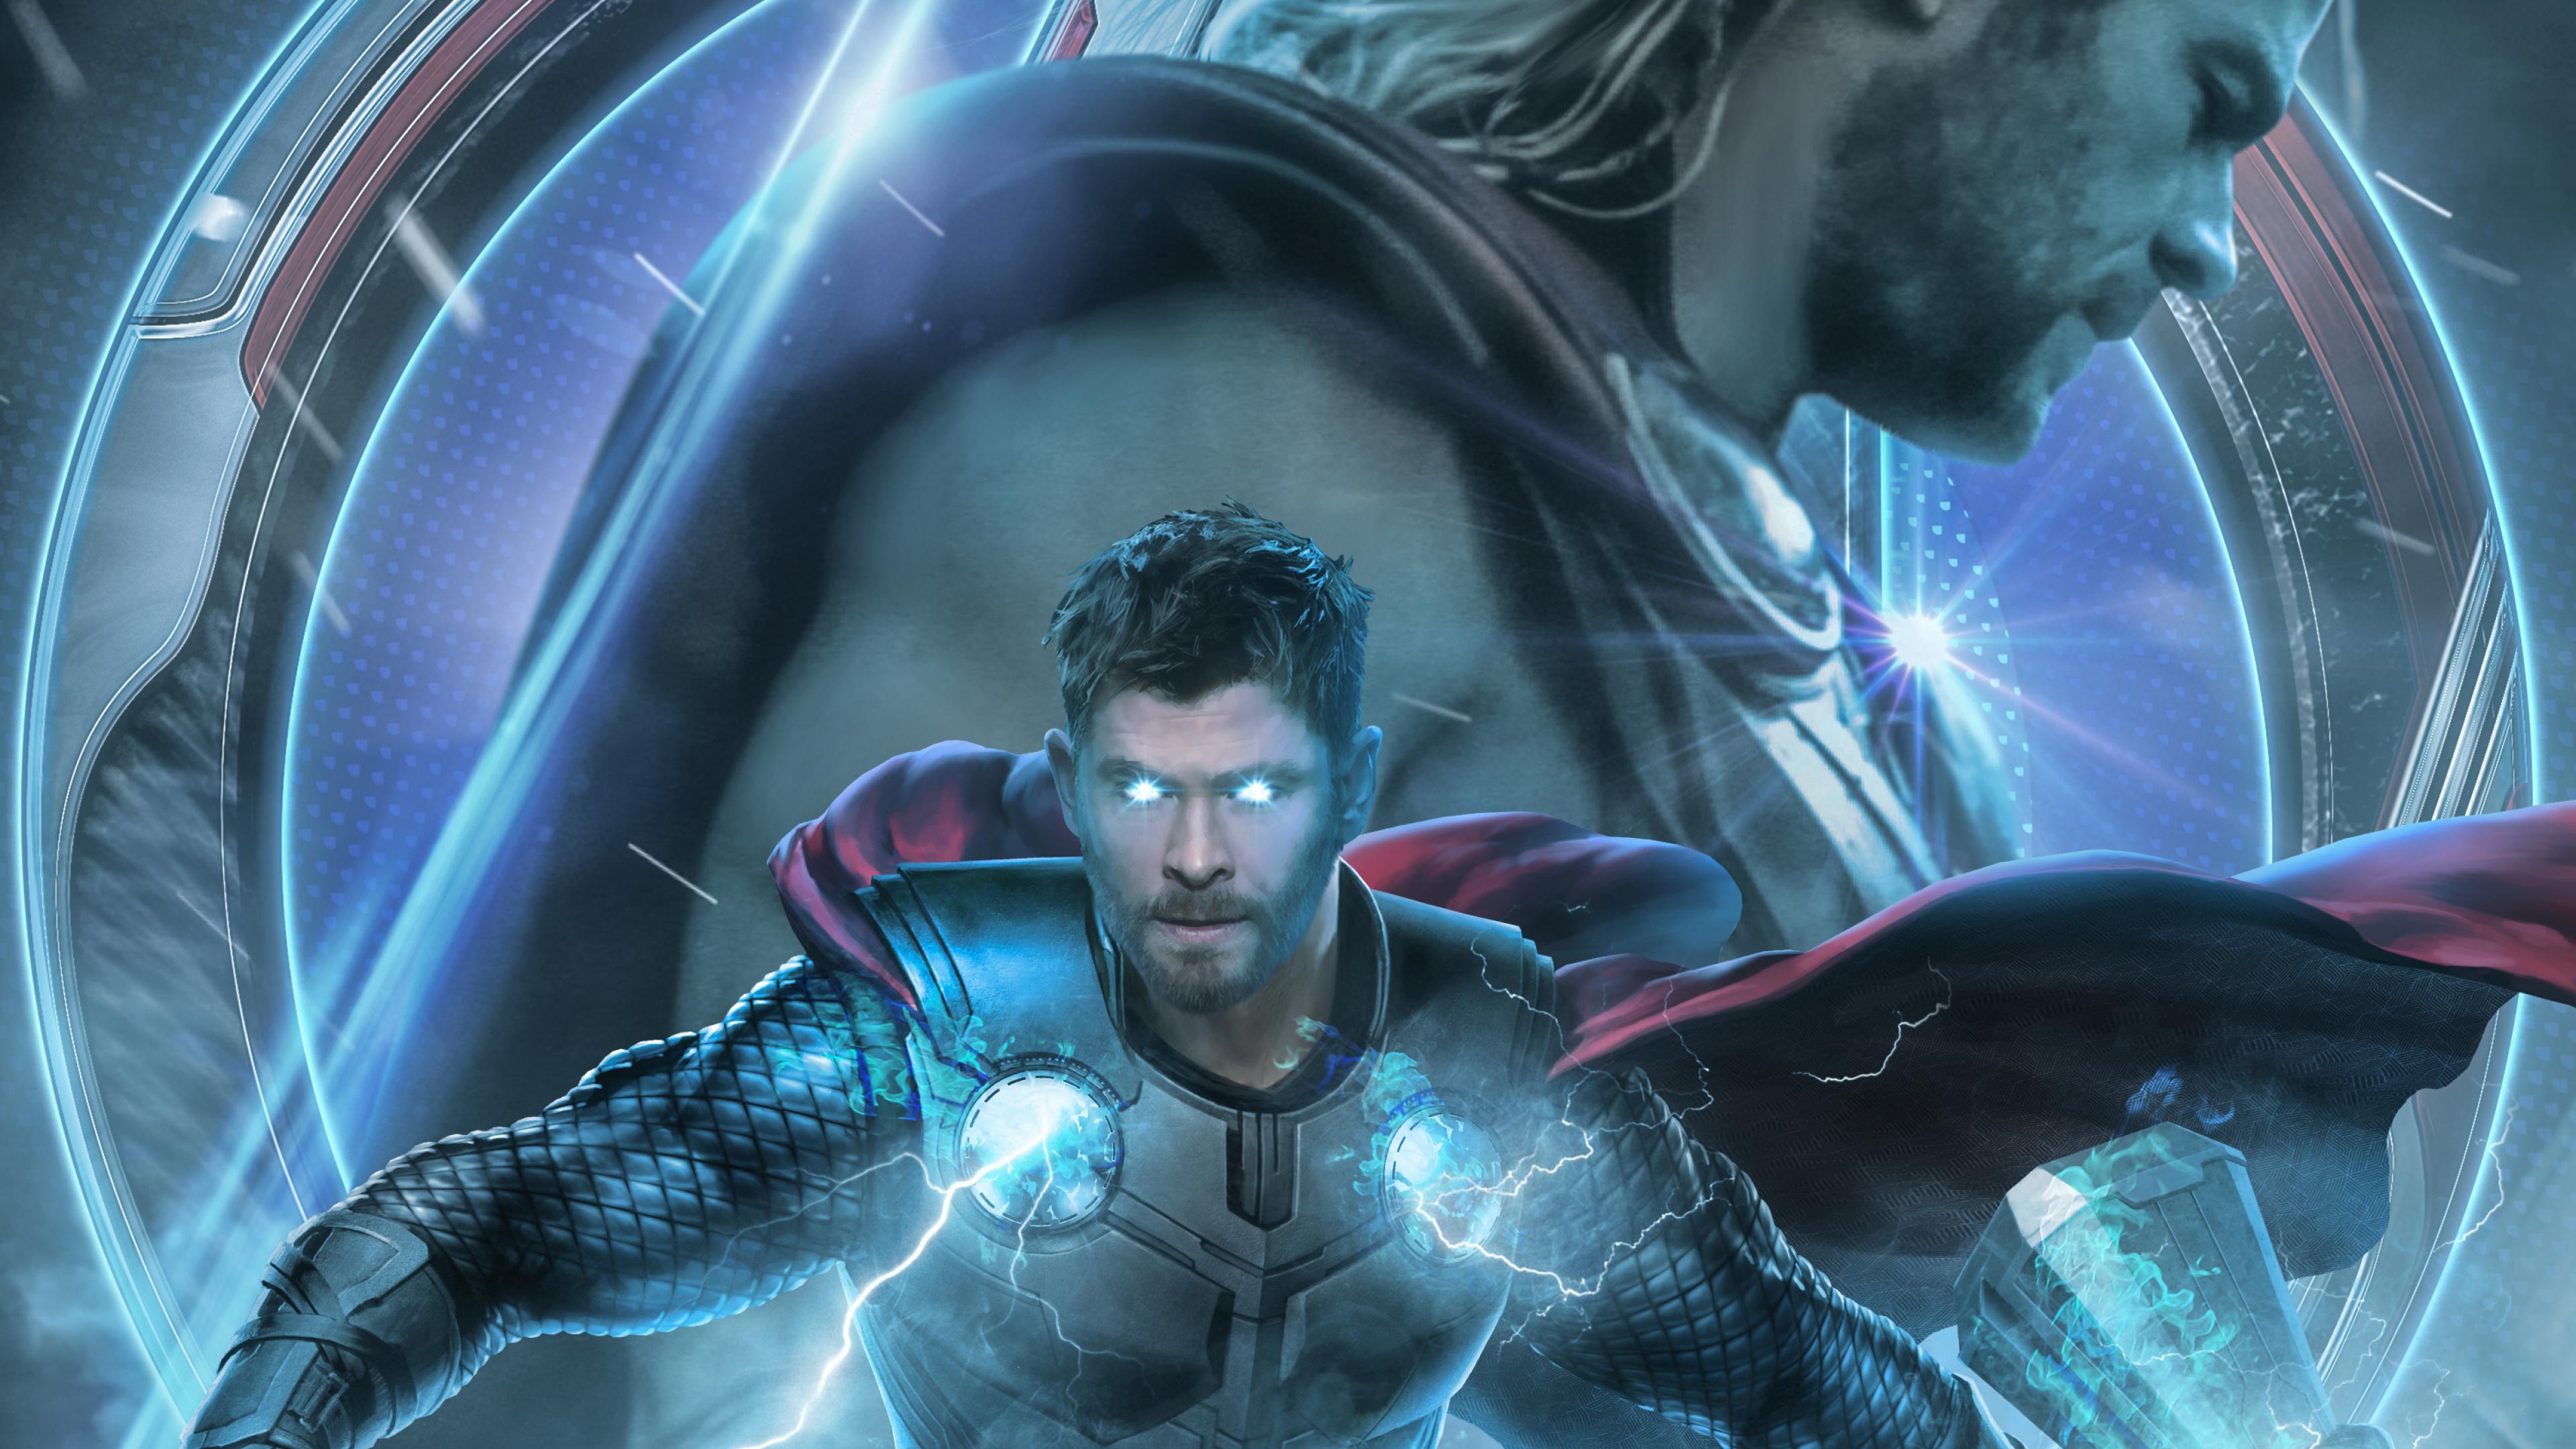 3840x2160 Avengers Endgame Thor Poster Artwork 4k Wallpaper Hd